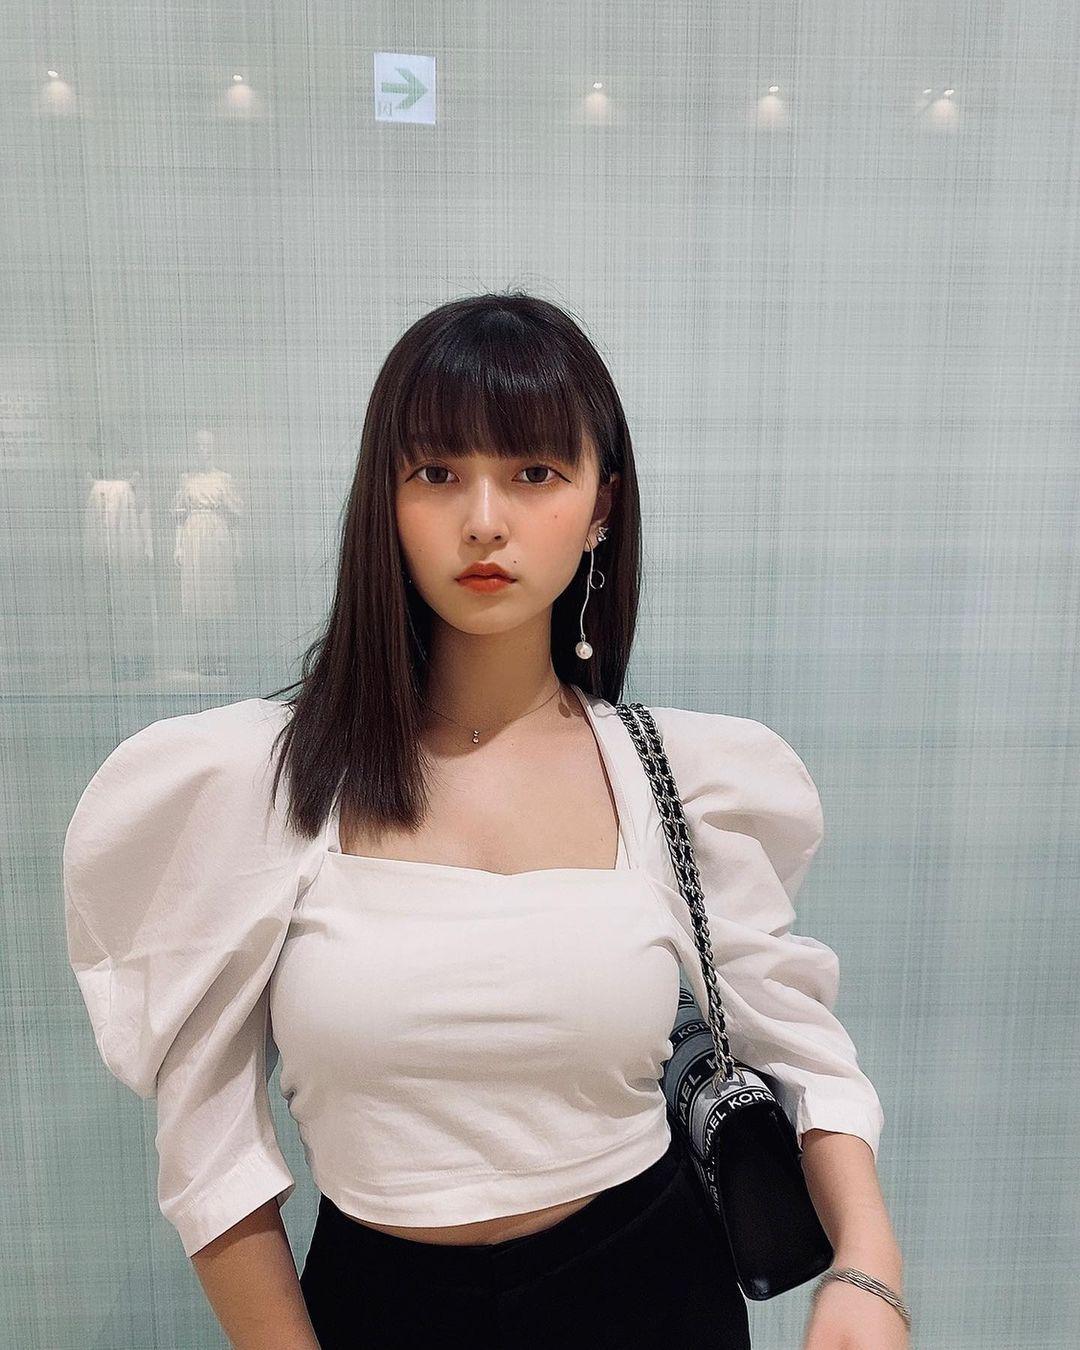 今年刚高中毕业 18 岁美少女樱井音乃身材整个无敌 网络美女 第25张